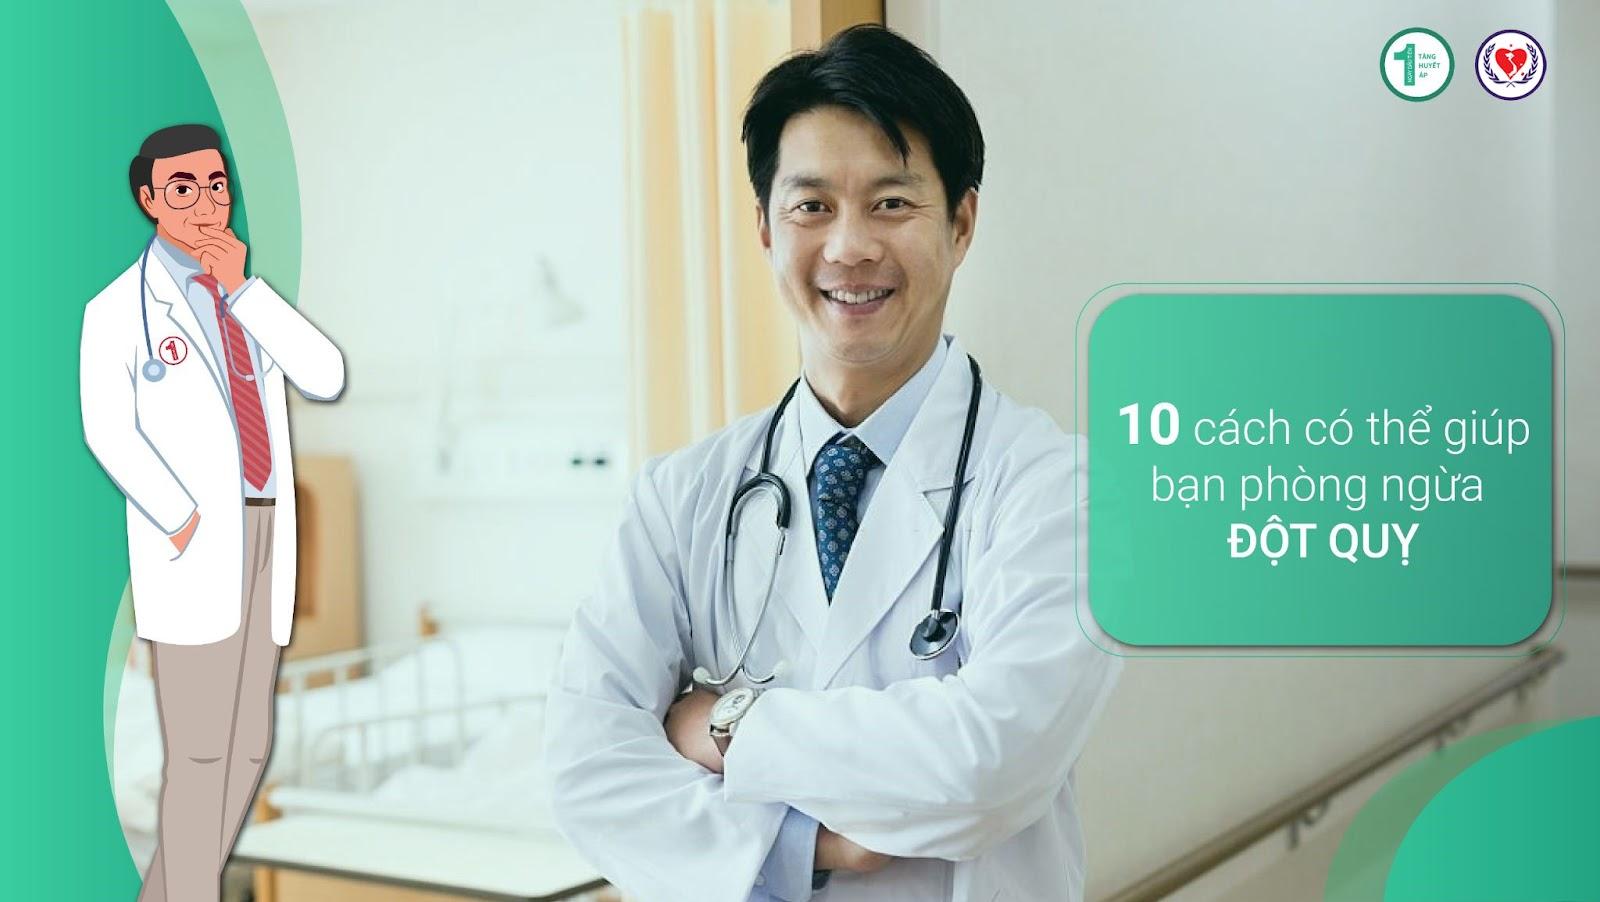 10 cách có thể giúp bạn phòng ngừa Đột quỵ 3